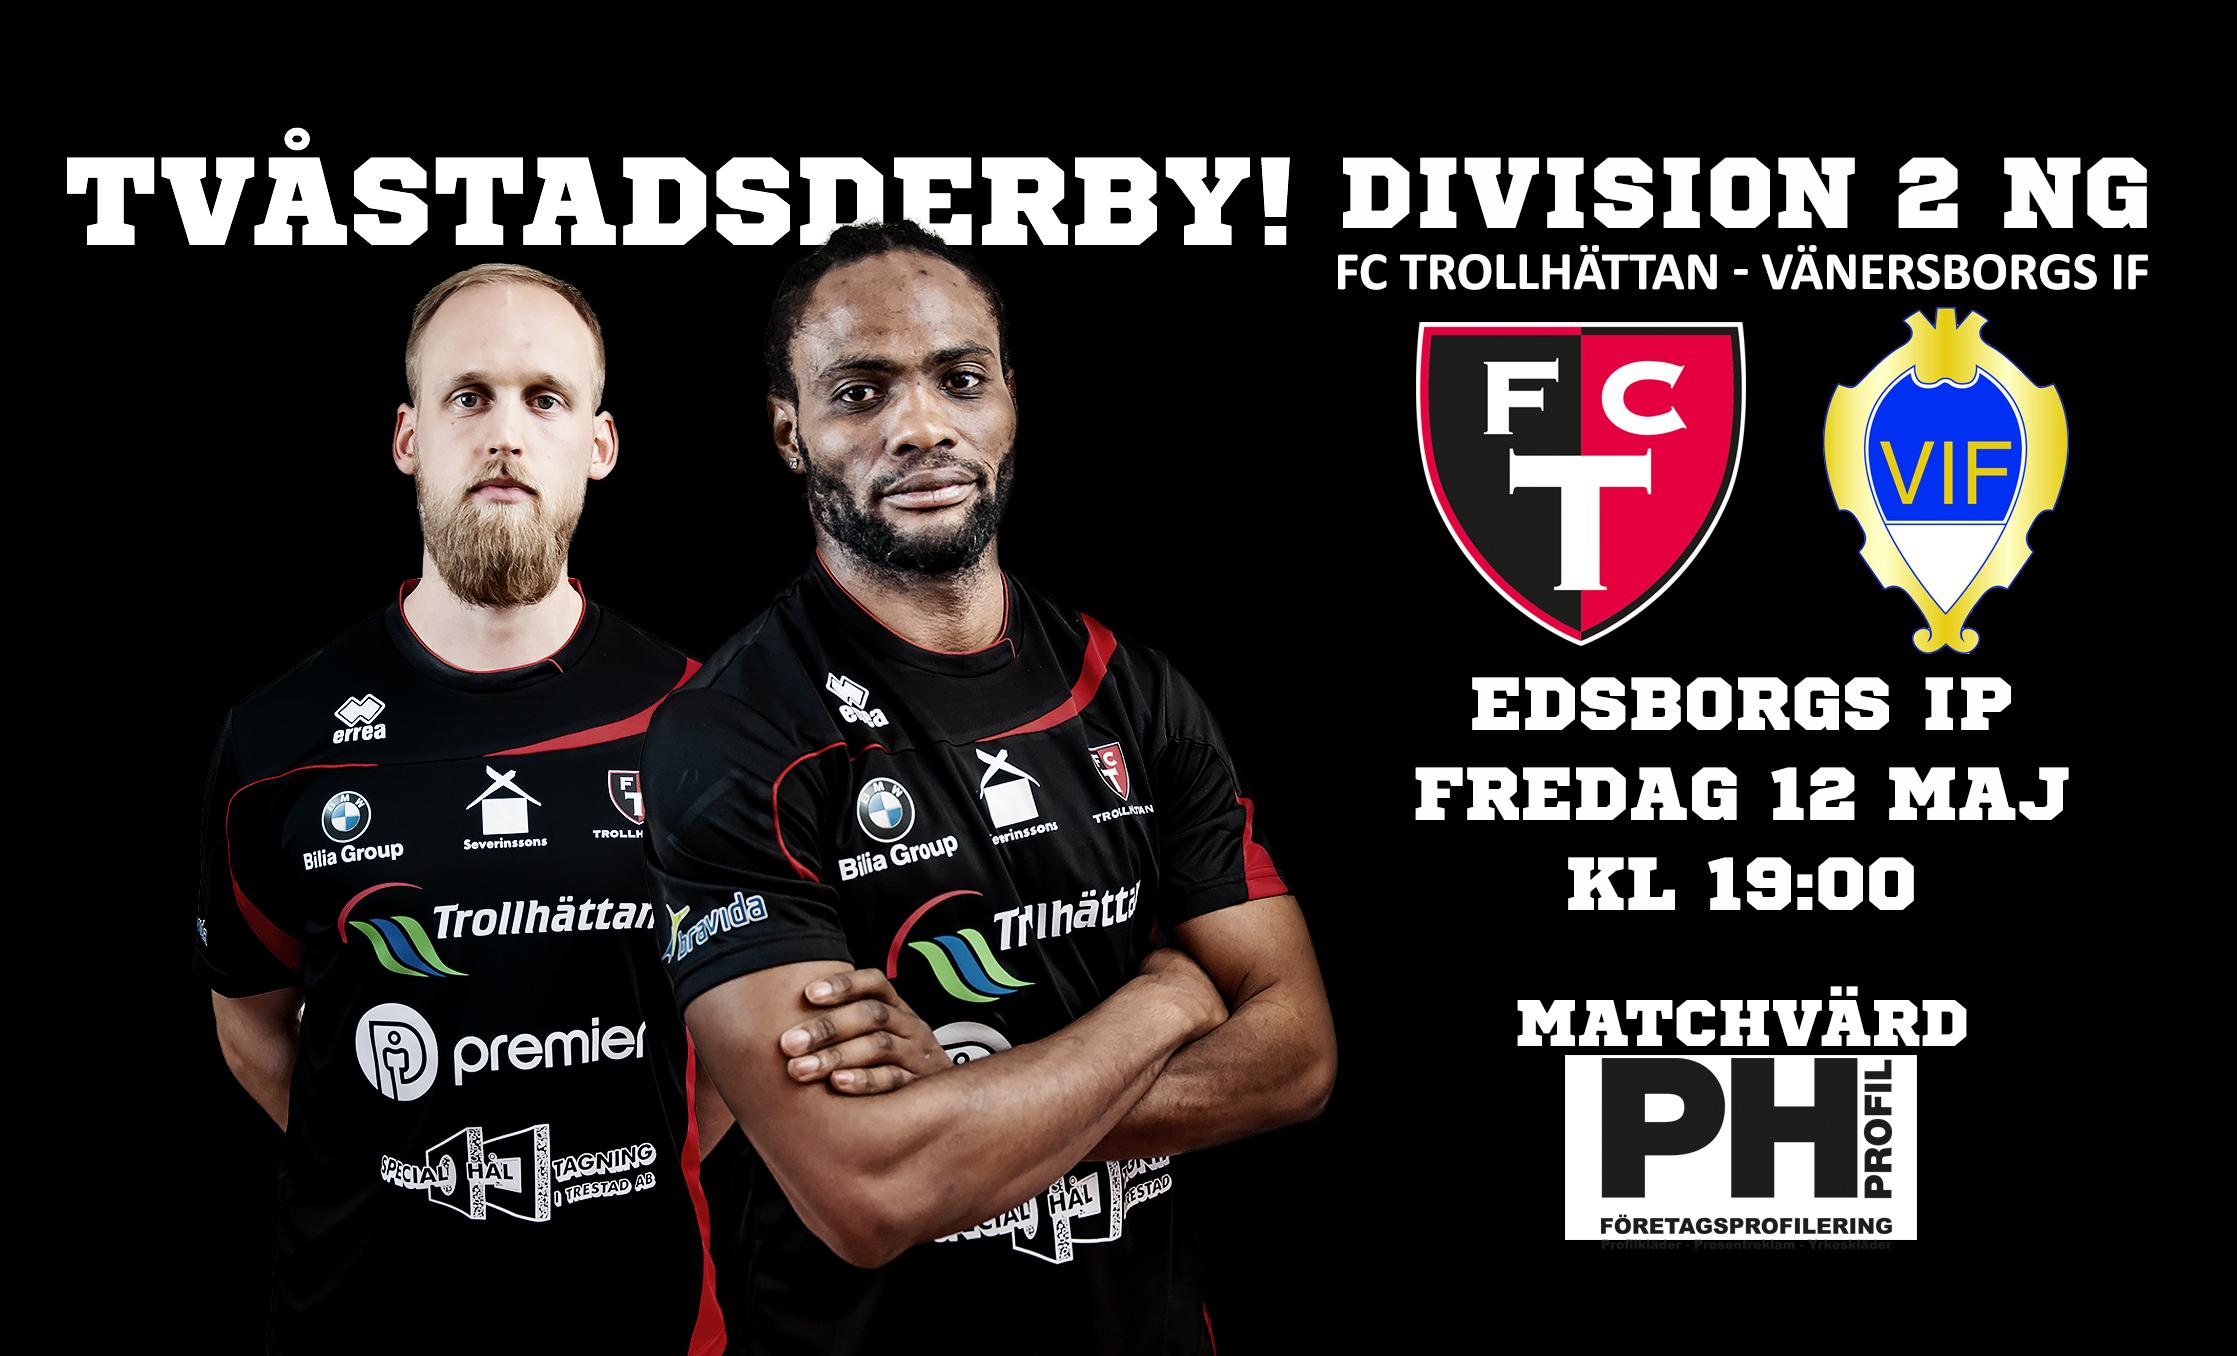 Inför FCT-Vänersborgs IF